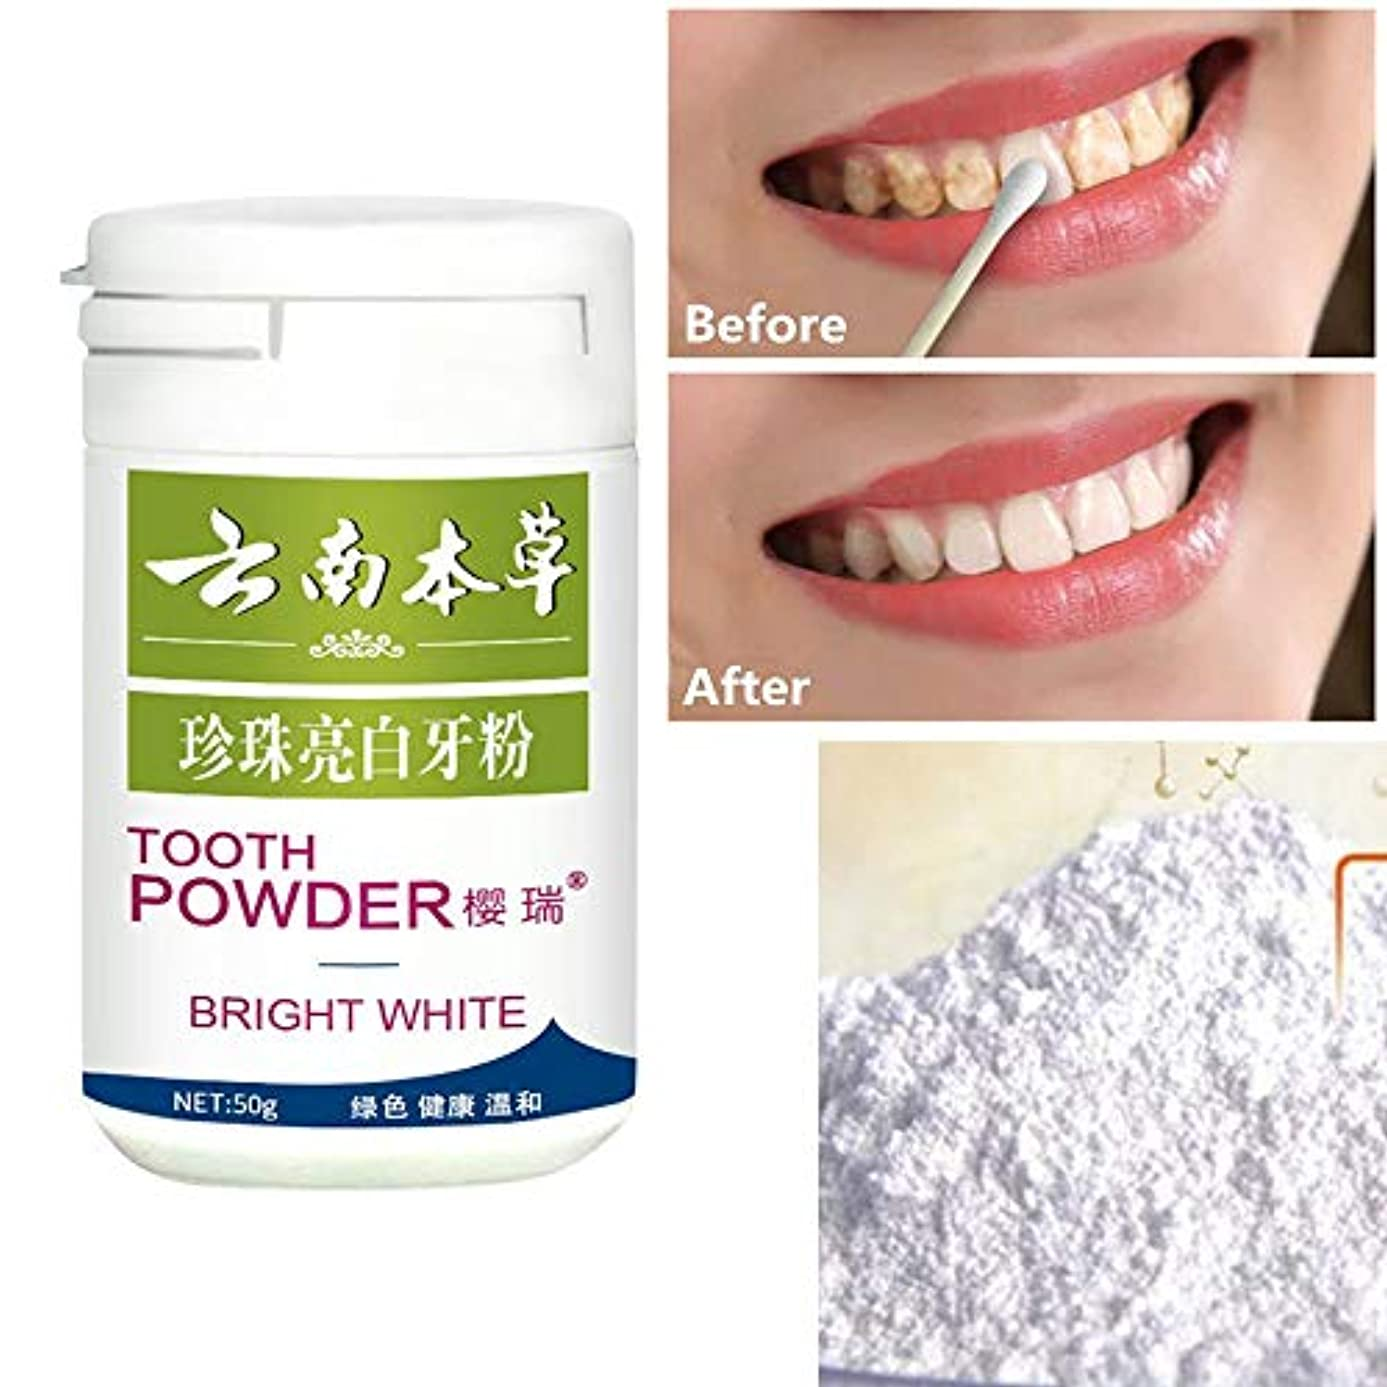 福祉最大の忌み嫌う50gホワイトニング歯のケア口臭を除去するプラーク歯磨き粉粉末をきれいにする歯の歯石の歯石除去の汚れ